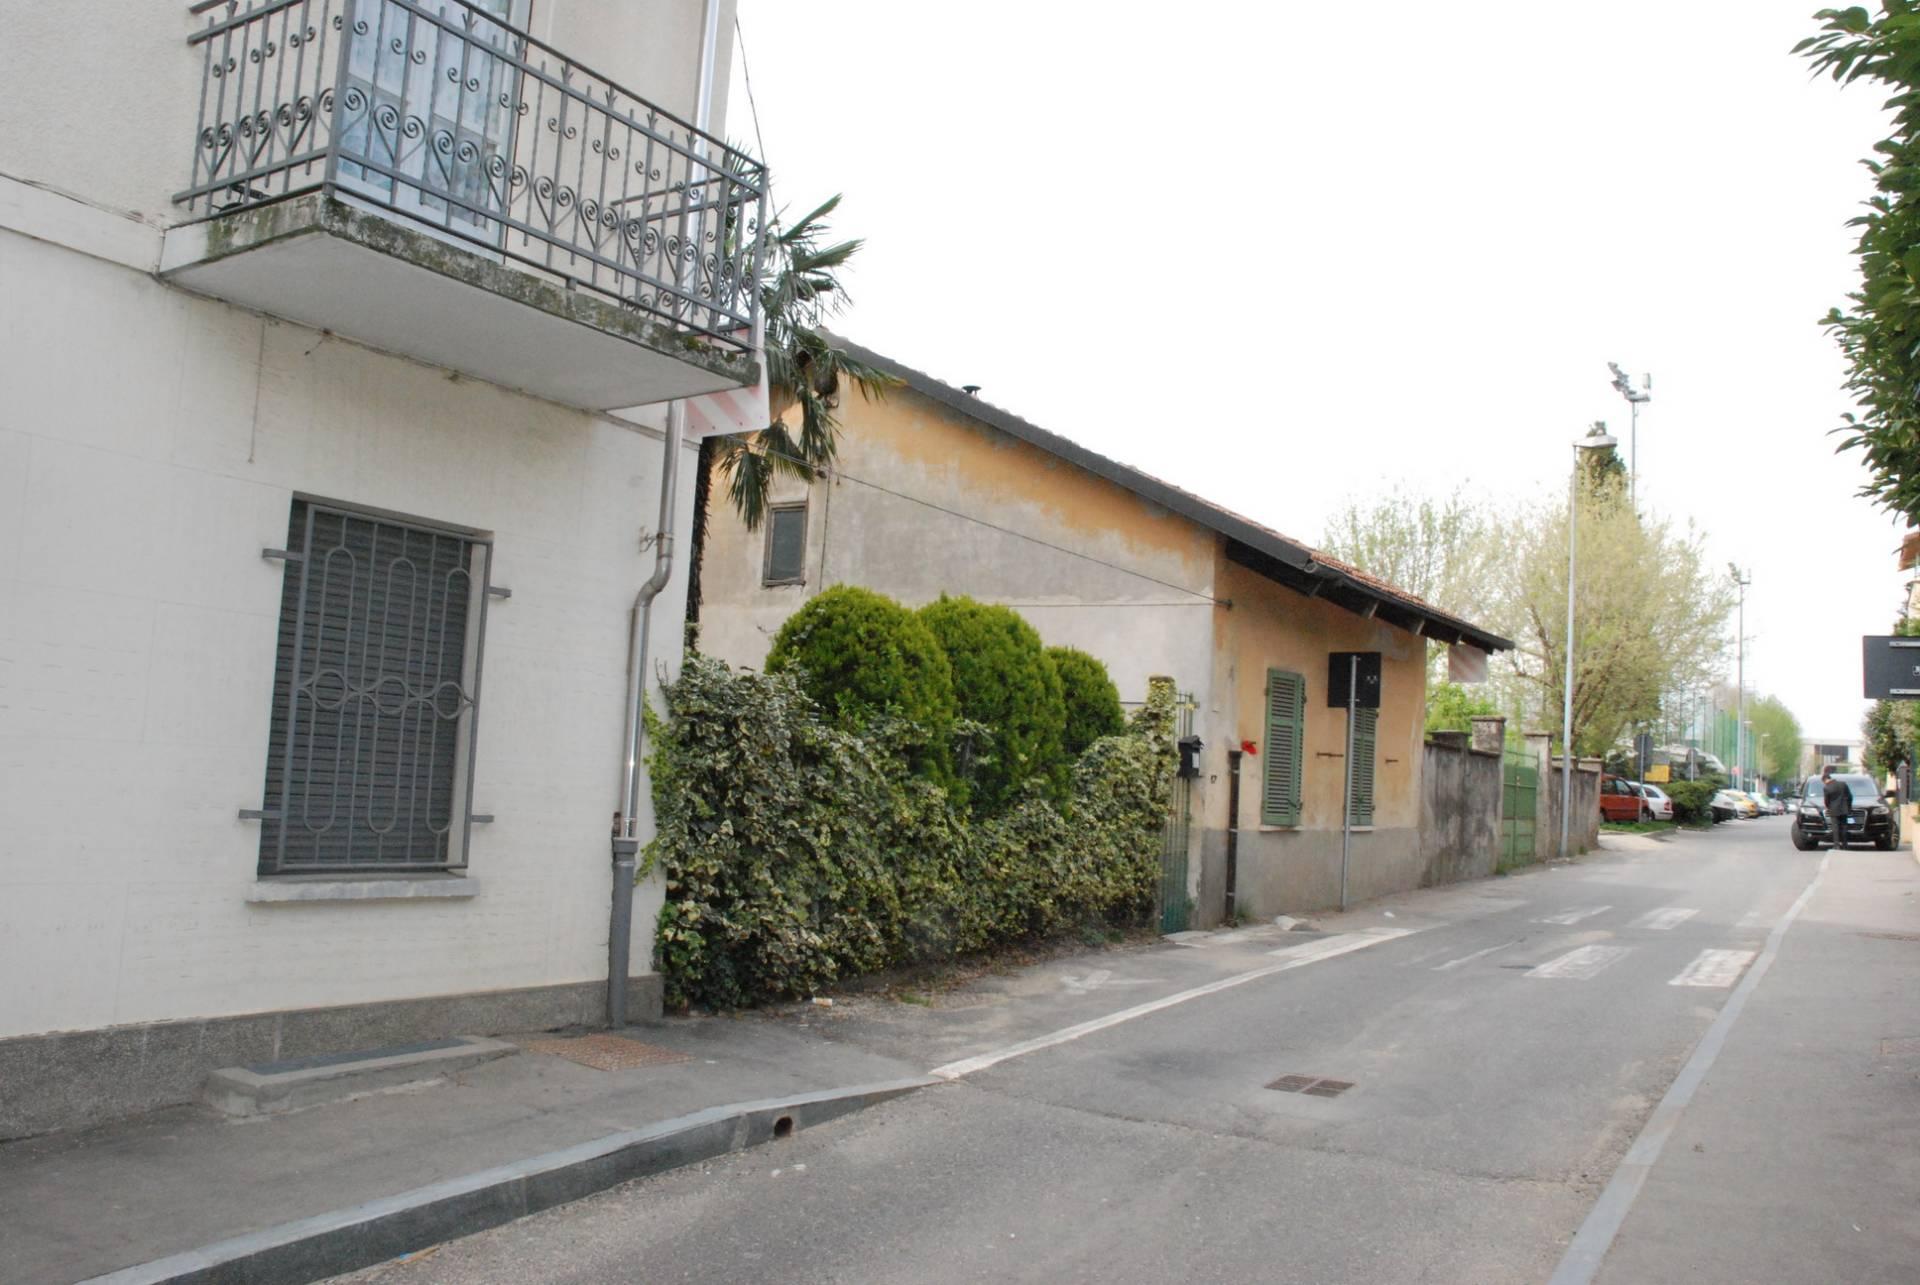 Terreno Edificabile Residenziale in vendita a Rivoli, 9999 locali, zona Località: CascineVica, prezzo € 300.000 | Cambio Casa.it